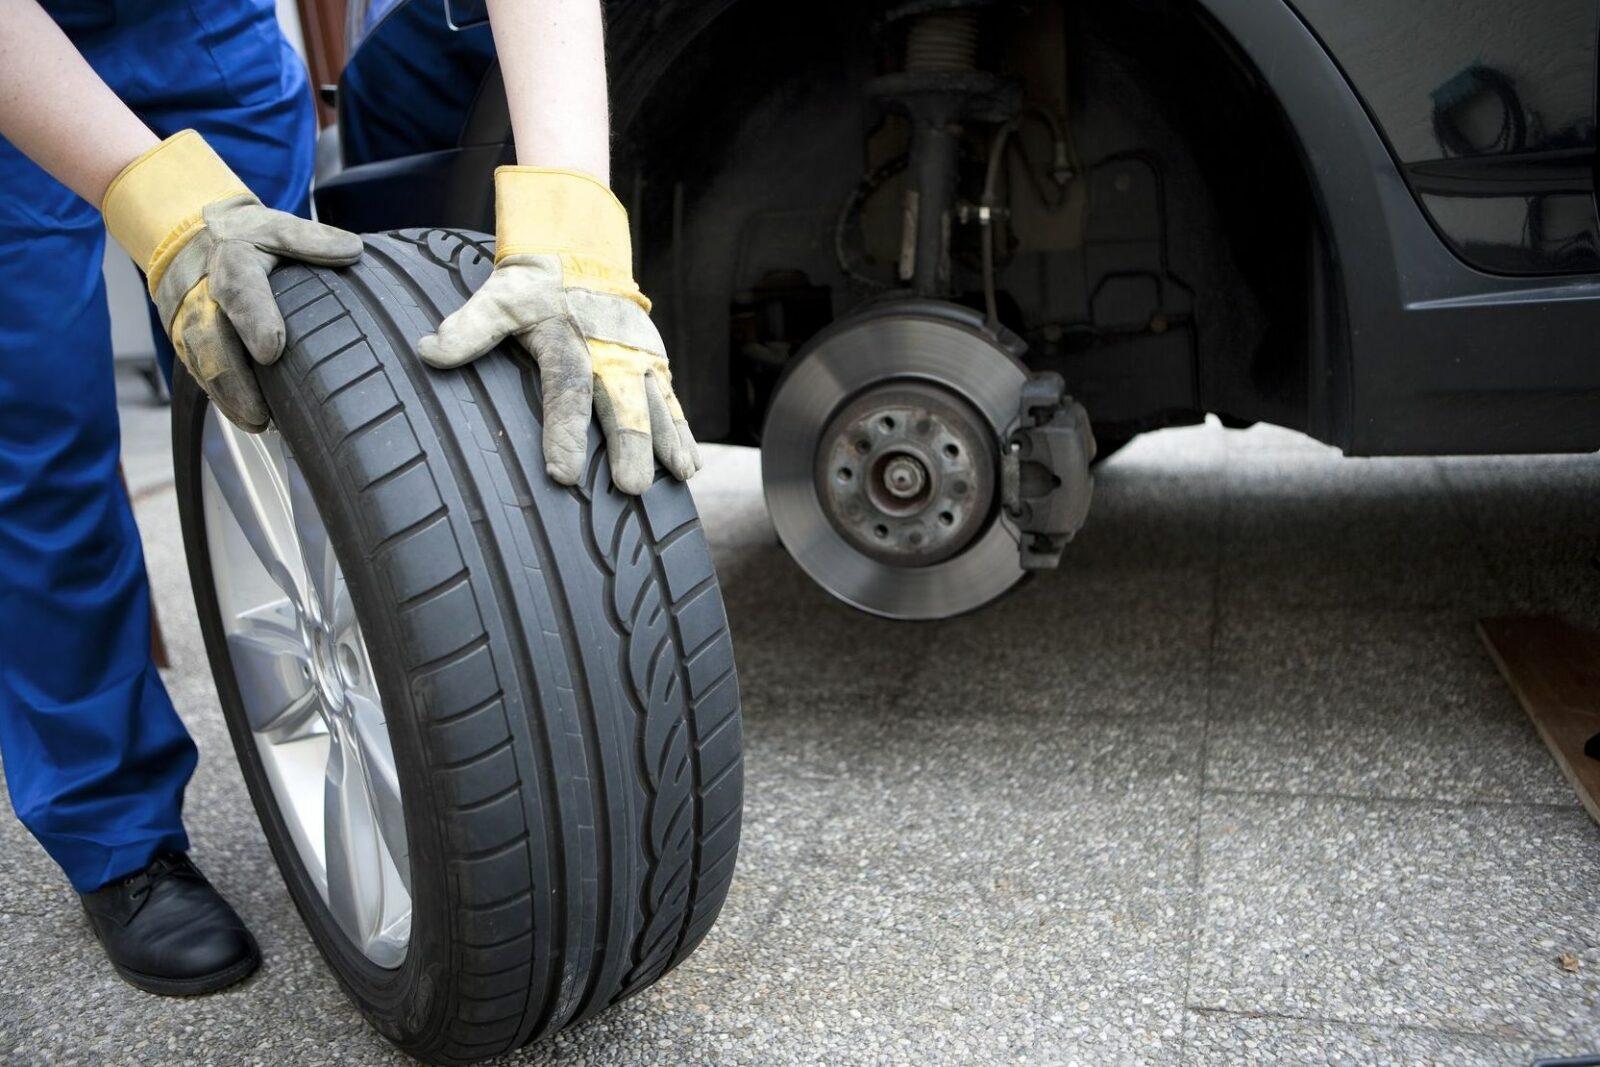 Замена колес – Мобильный шиномонтаж Professional24. Выезжаем от одного колеса